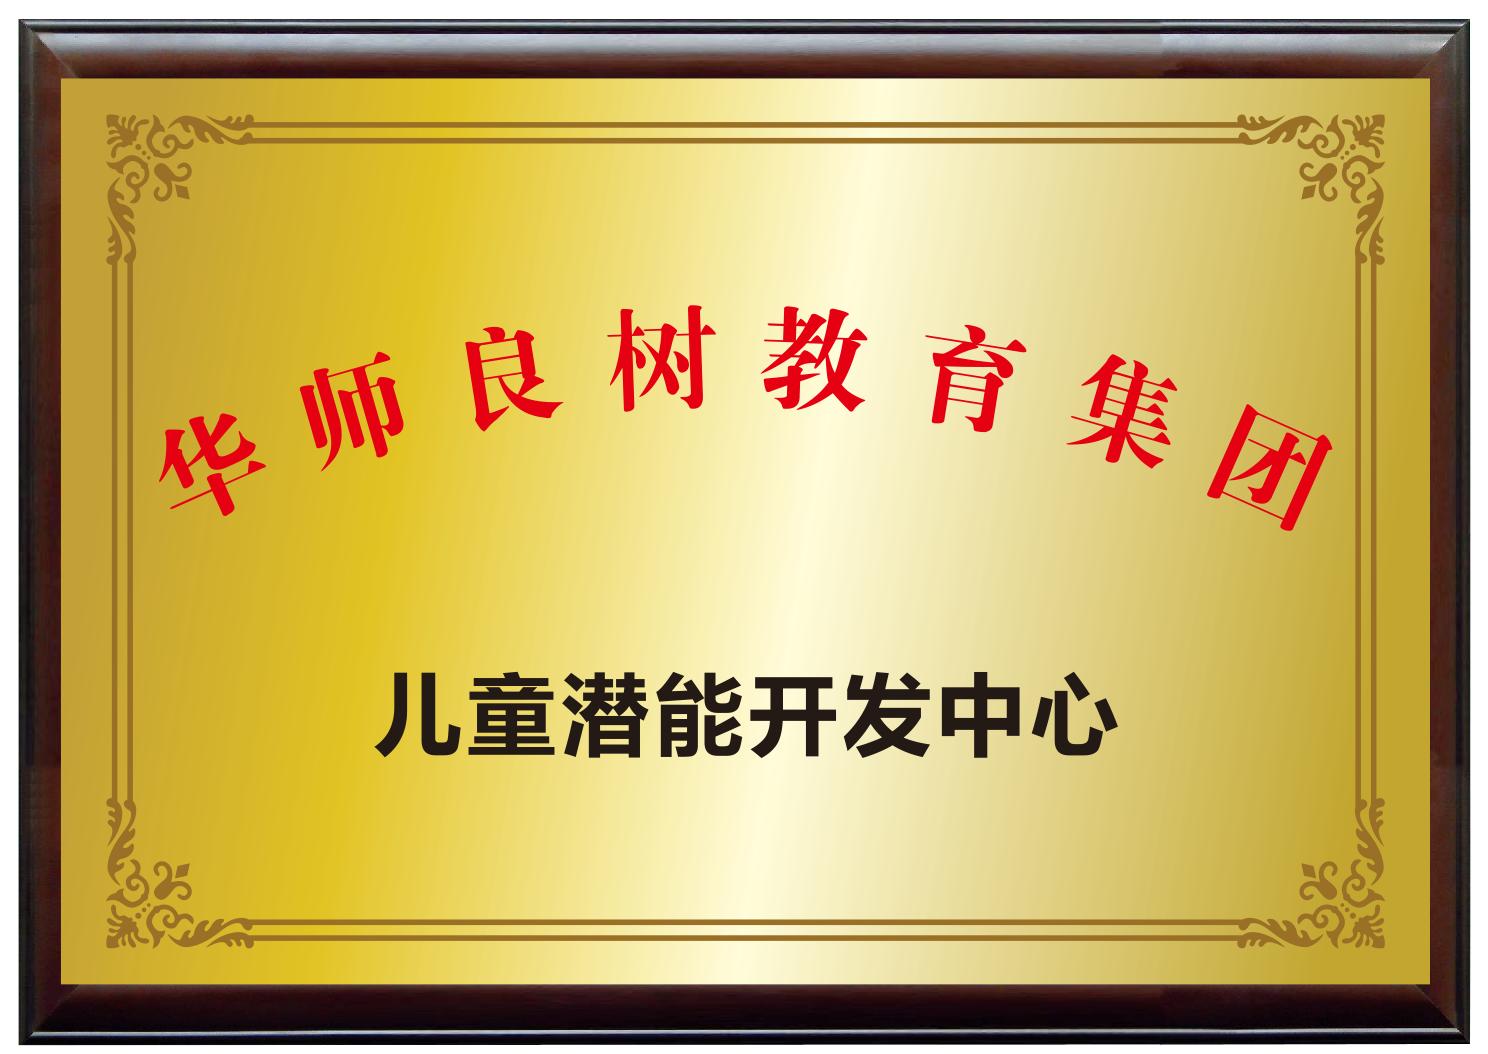 华师良树荣誉资质3